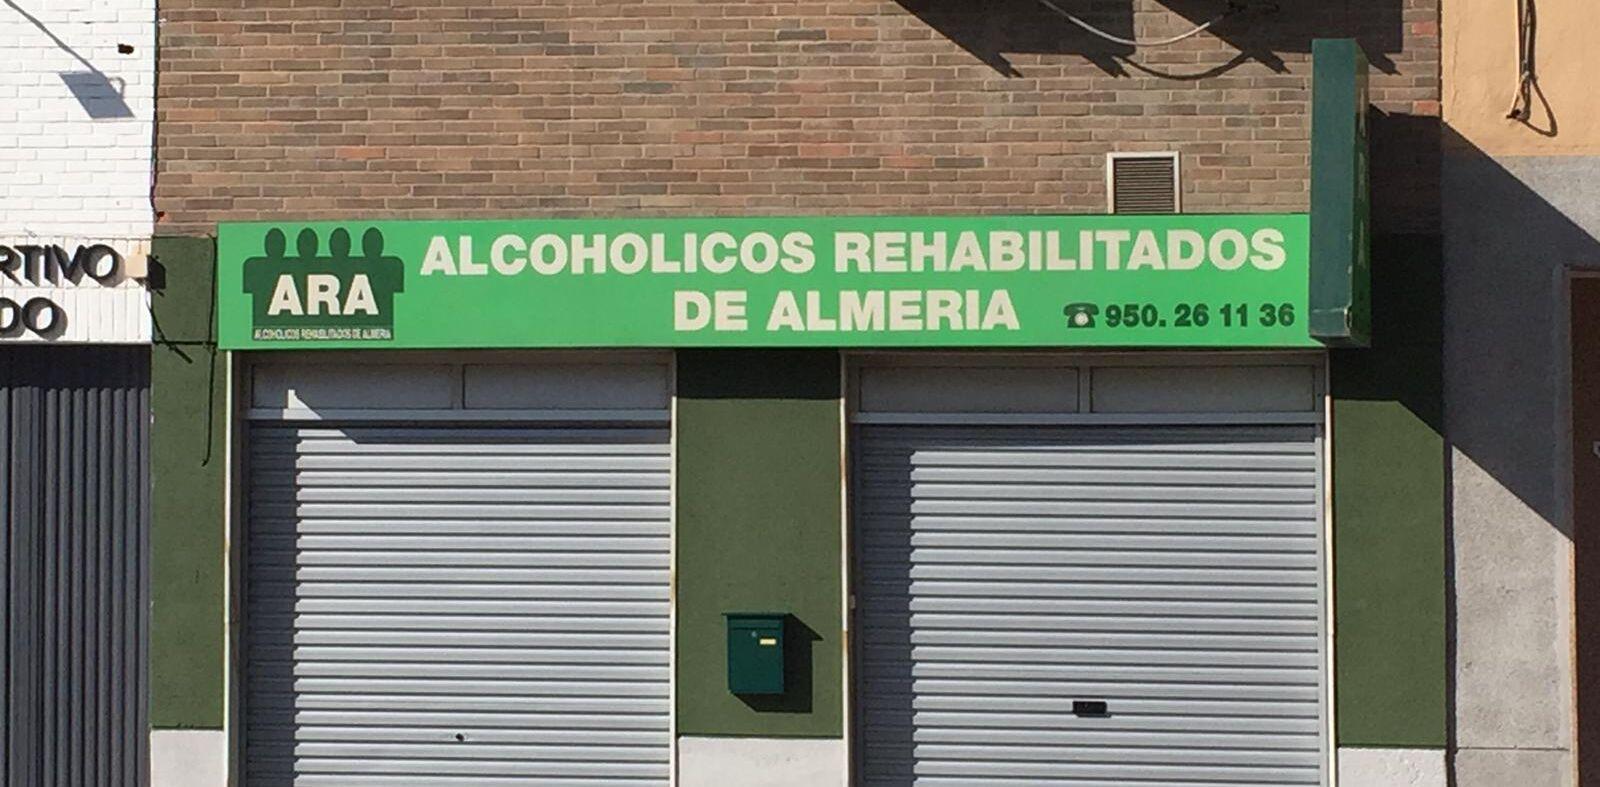 Nueva Imagen de la Sede ARA-Almería. Hemos renovado y pintado toda la zona externa de nuestra asociación.